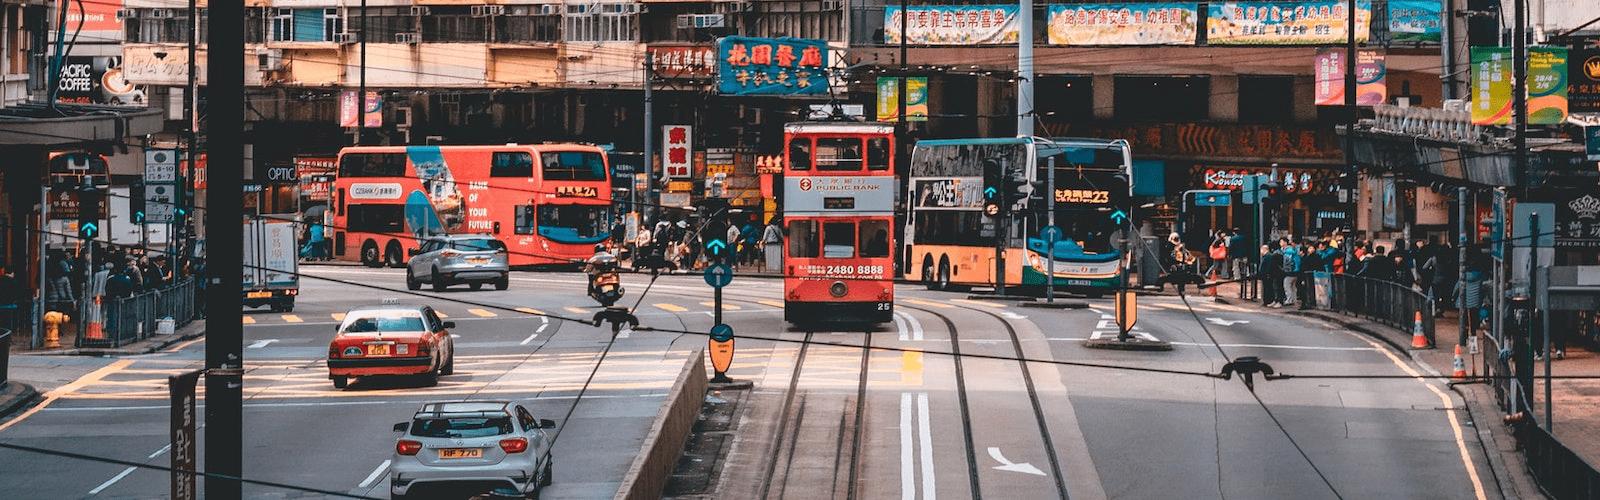 Visiting Hong Kong Day 1